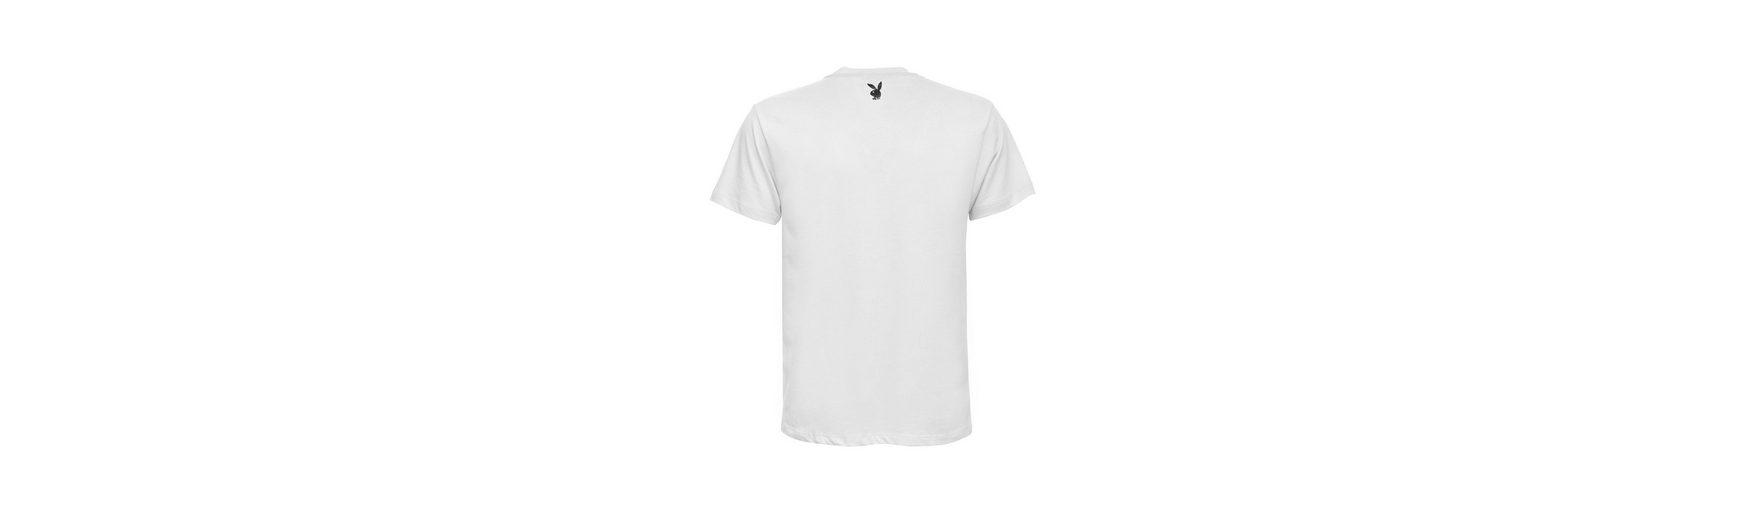 Playboy T-Shirt mit coolem Frontdruck Besuchen Neuen Günstigen Preis Ajb8HyH5